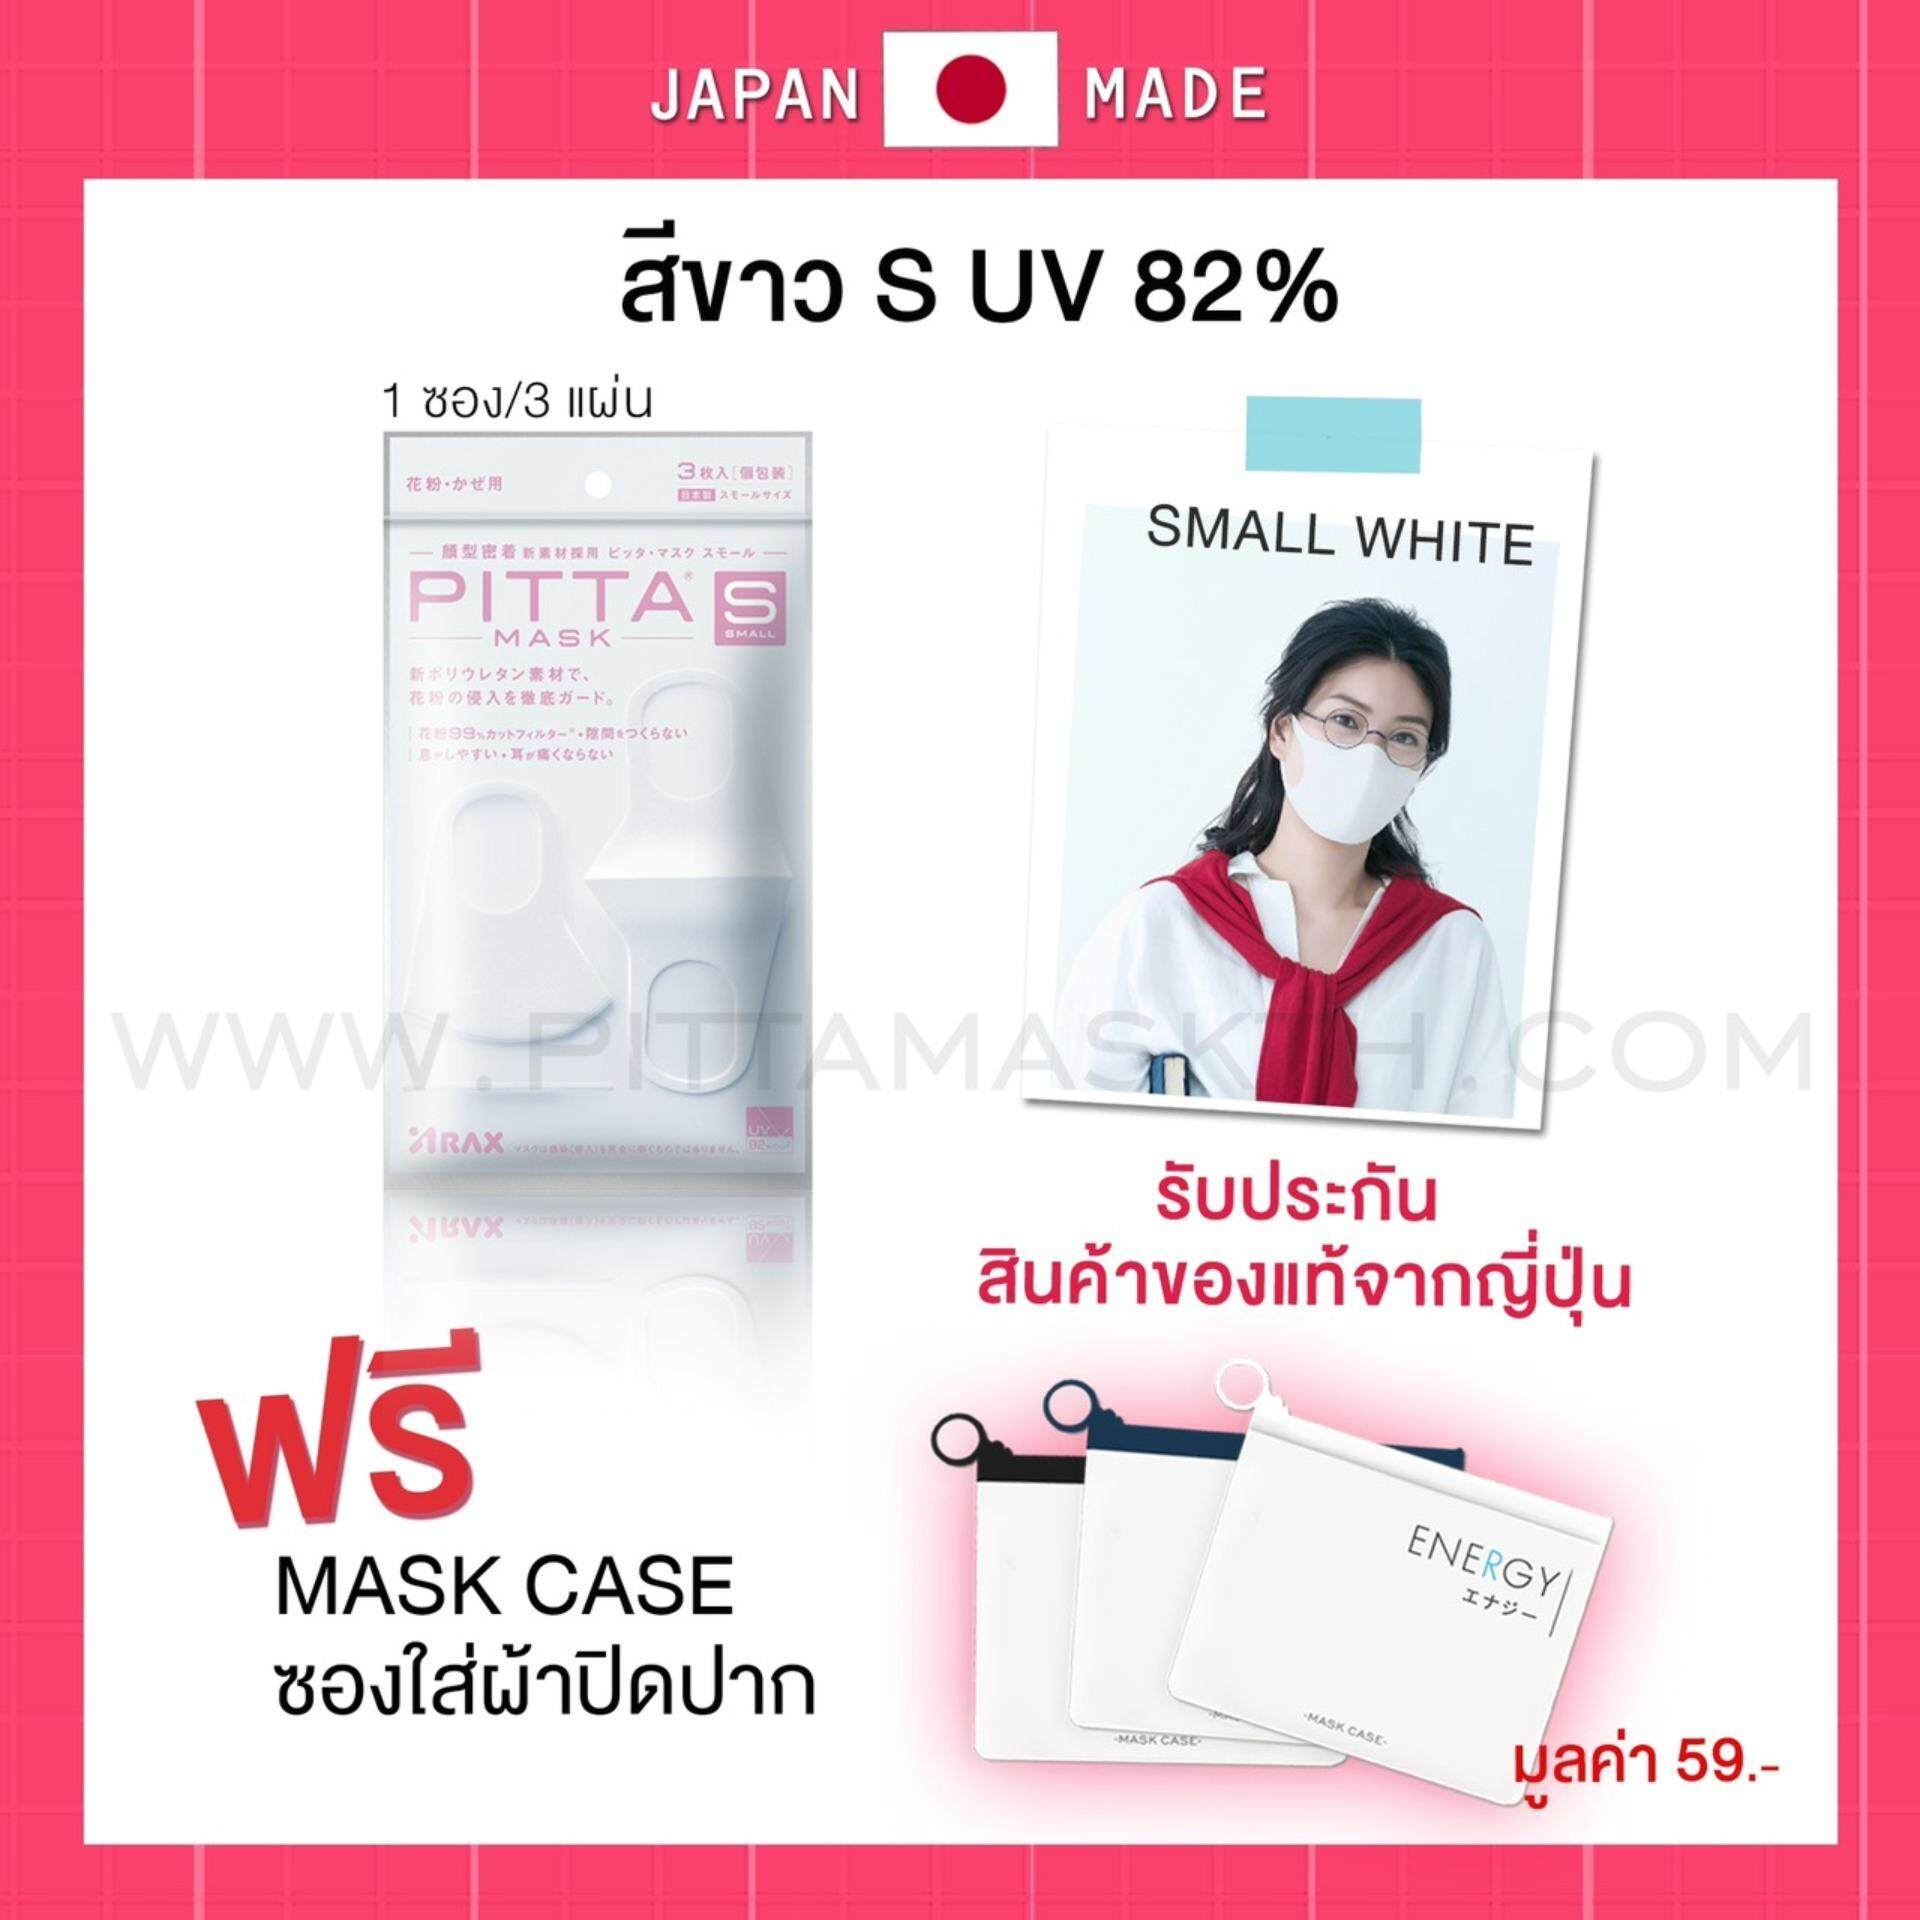 ผ้าปิดปาก PITTA MASK สีขาว รุ่น S UV 82% ขายดีที่สุดในญี่ปุ่น สินค้าของแท้ นำเข้าจากญี่ปุ่น 100%